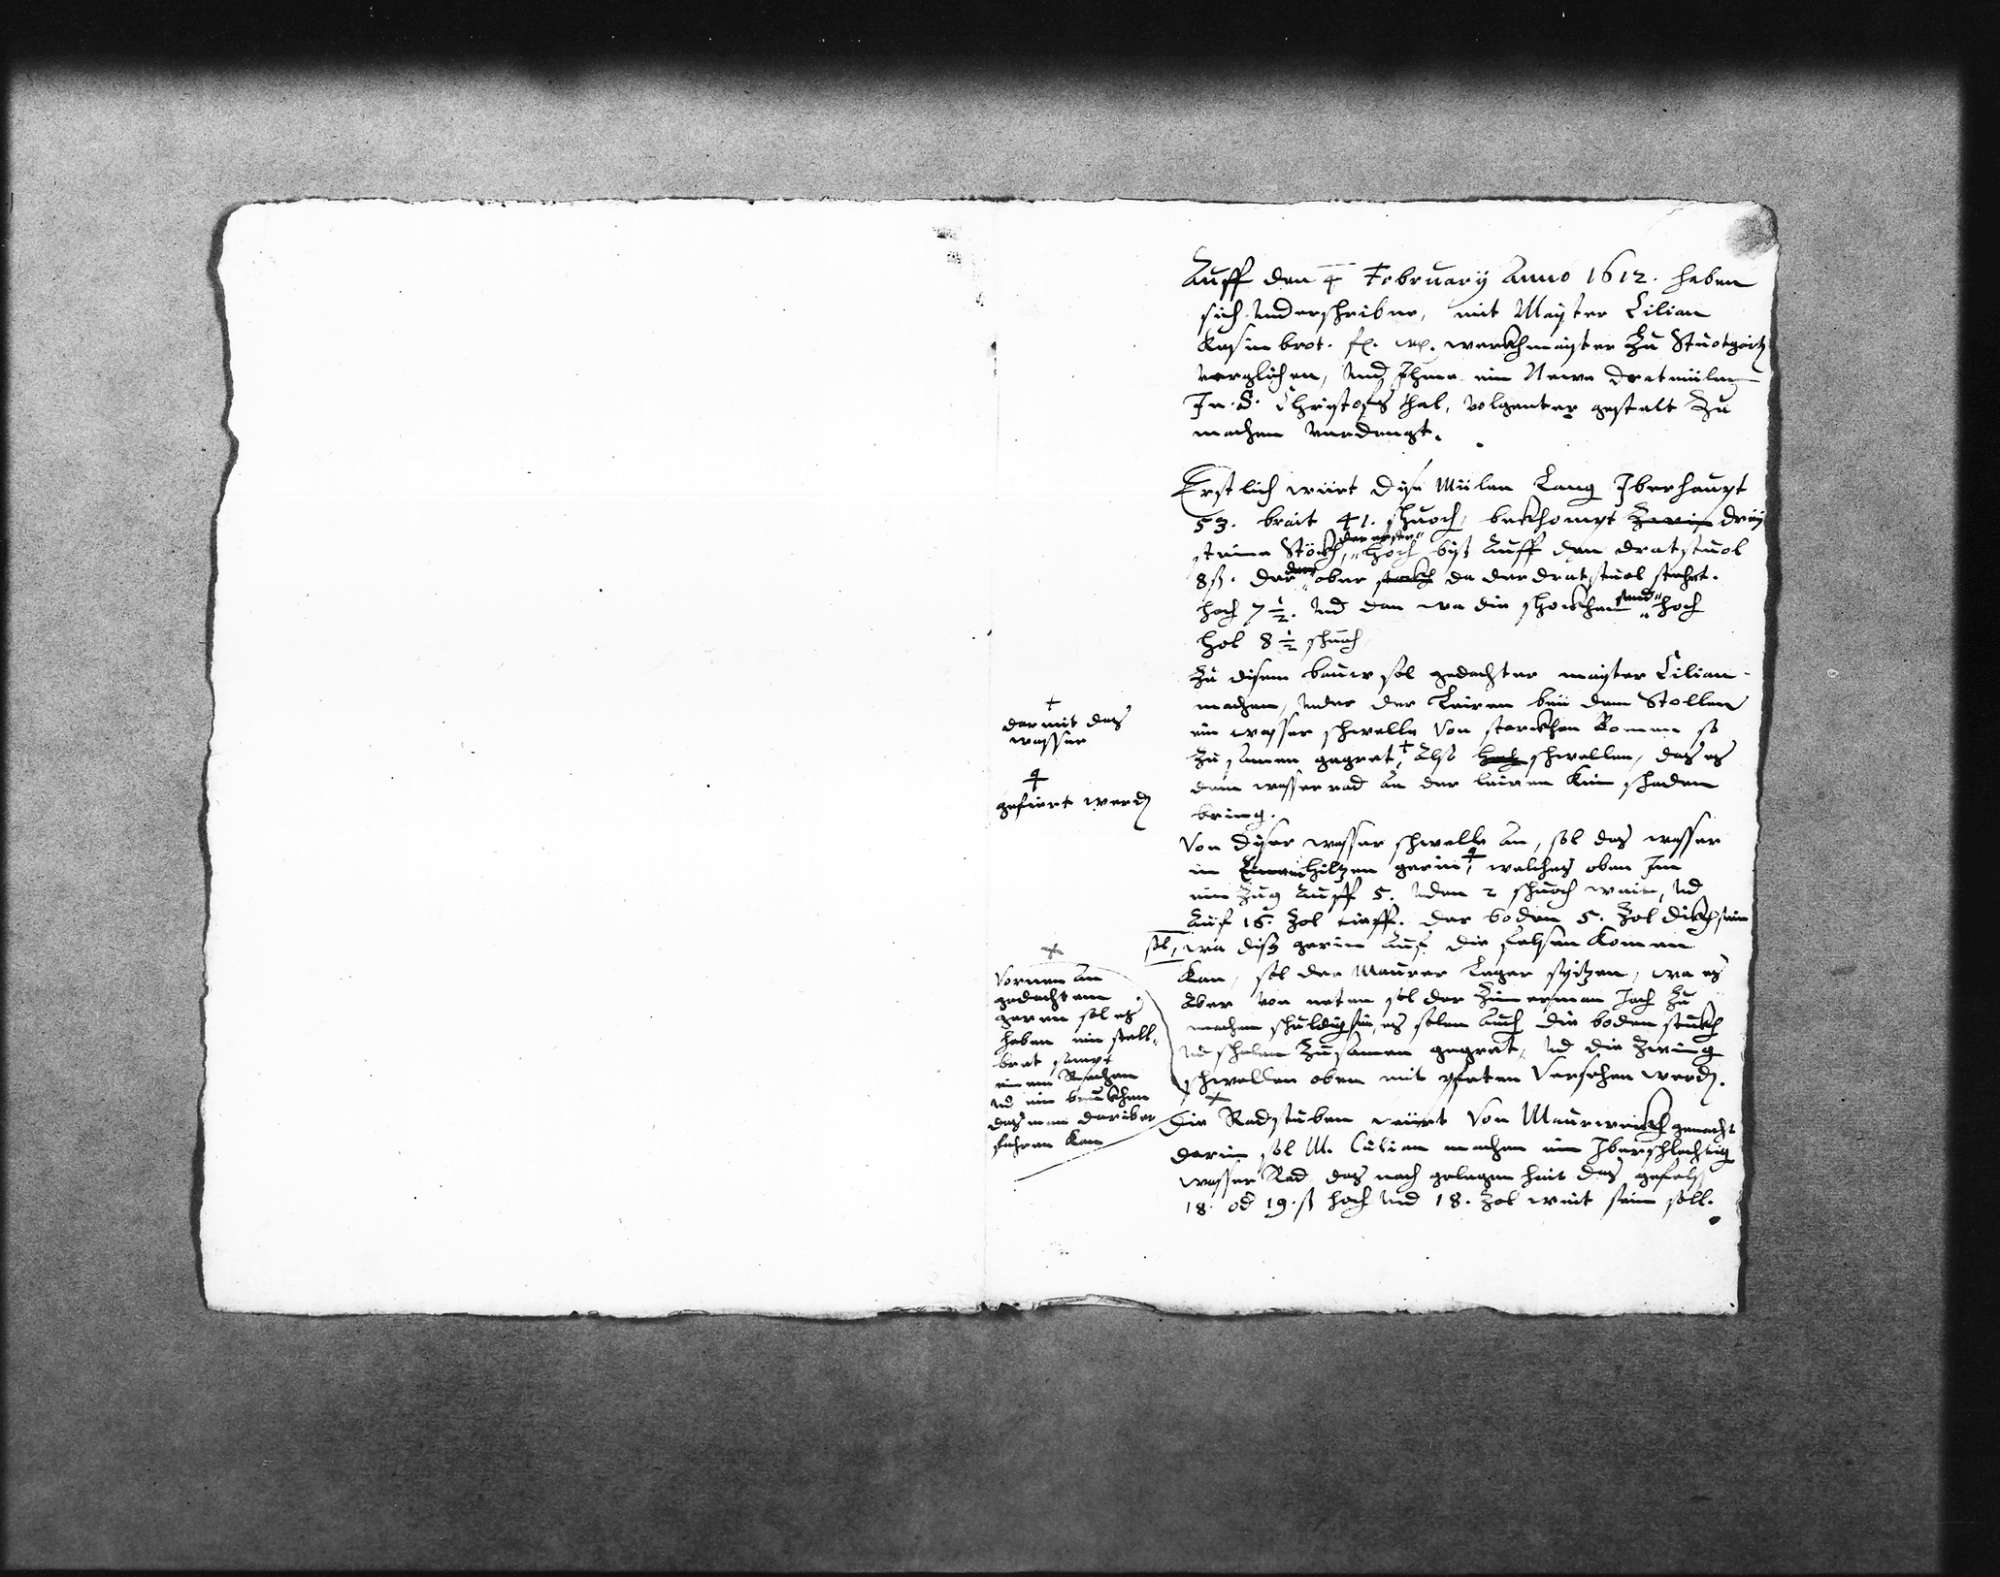 Entwurf Des Arbeitsvertrages Für Kilian Kesenbrot Zur Errichtung Der